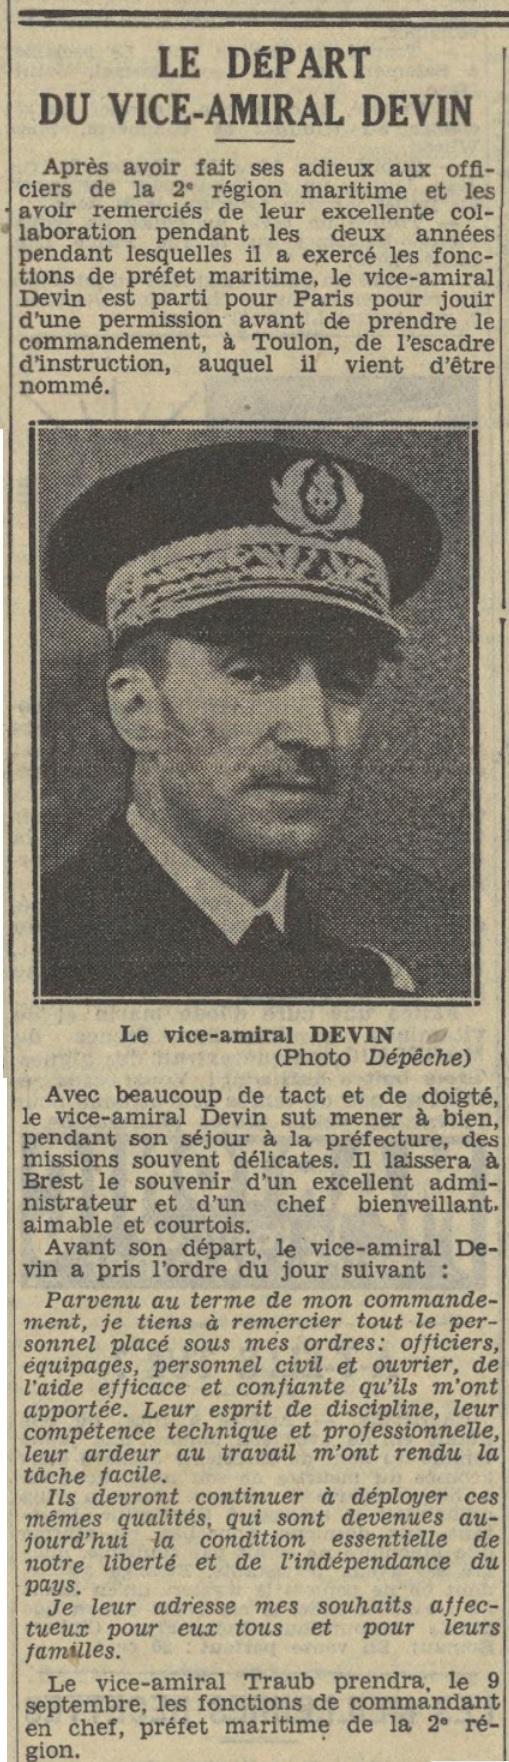 Les Amiraux 02/09/39 au 25/06/40 - Page 2 19390917